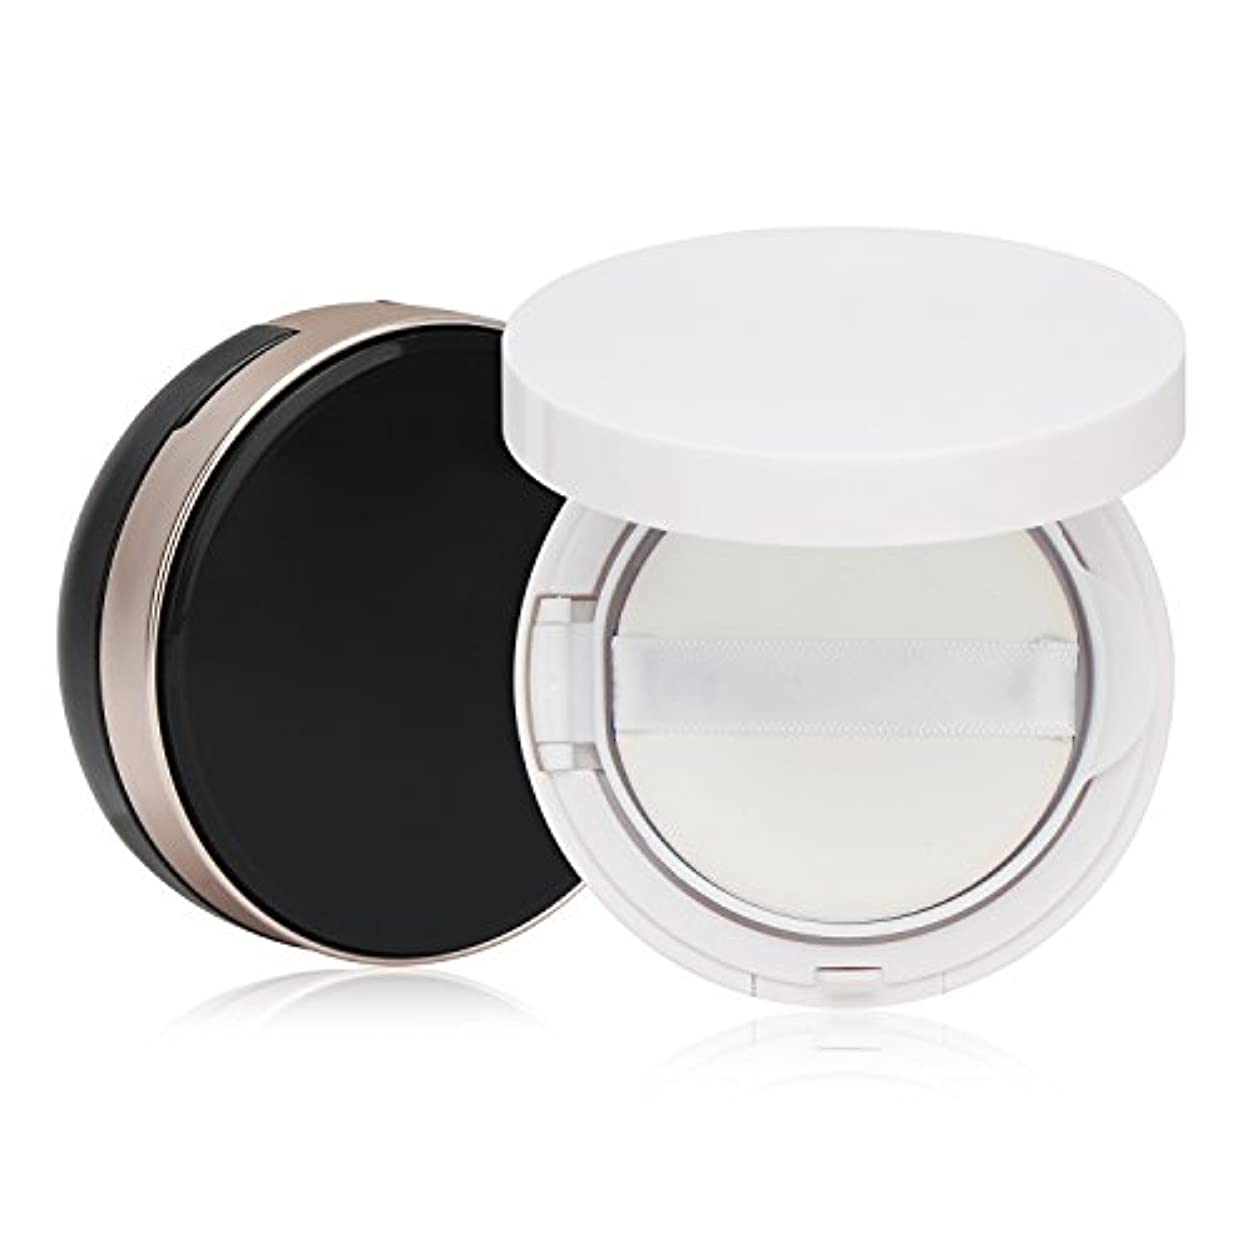 分離する実行するインカ帝国Segbeauty エアクッションボックス パウダーコンテナ BBクリーム 化粧品 詰替え DIY 黒いと白いのセット